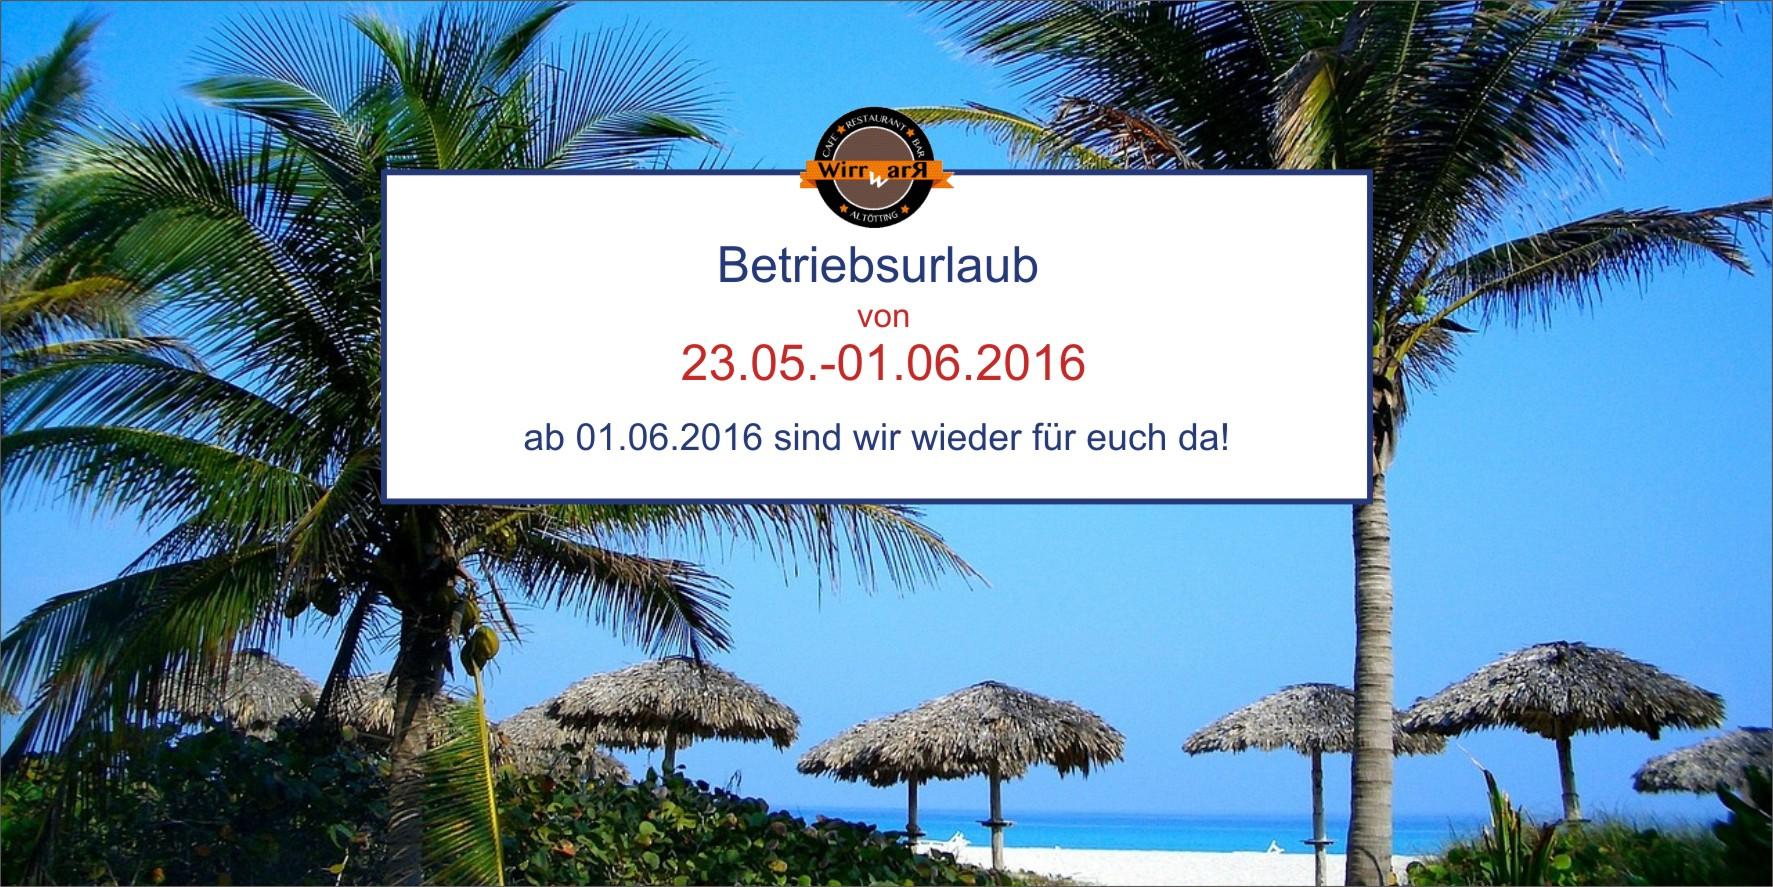 Betriebsurlaub von 23.05.-31.05.2016 | Burger